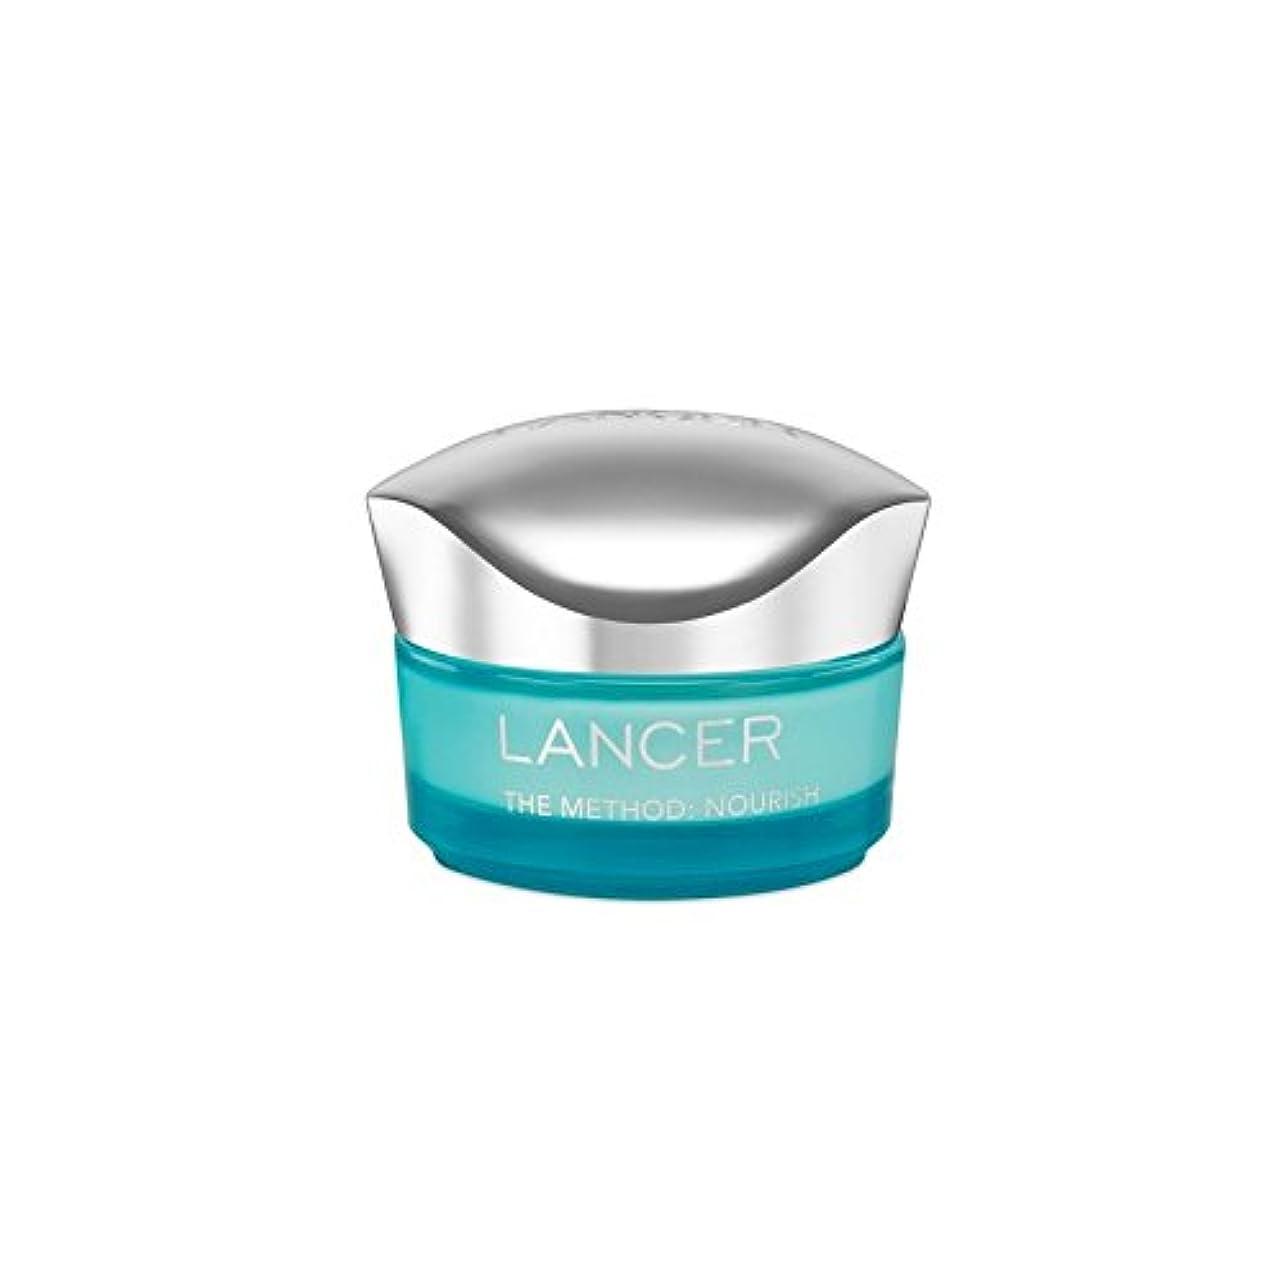 平日実業家使用法ランサーは、この方法をスキンケア:モイスチャライザー(50)に栄養を与えます x2 - Lancer Skincare The Method: Nourish Moisturiser (50ml) (Pack of 2) [並行輸入品]